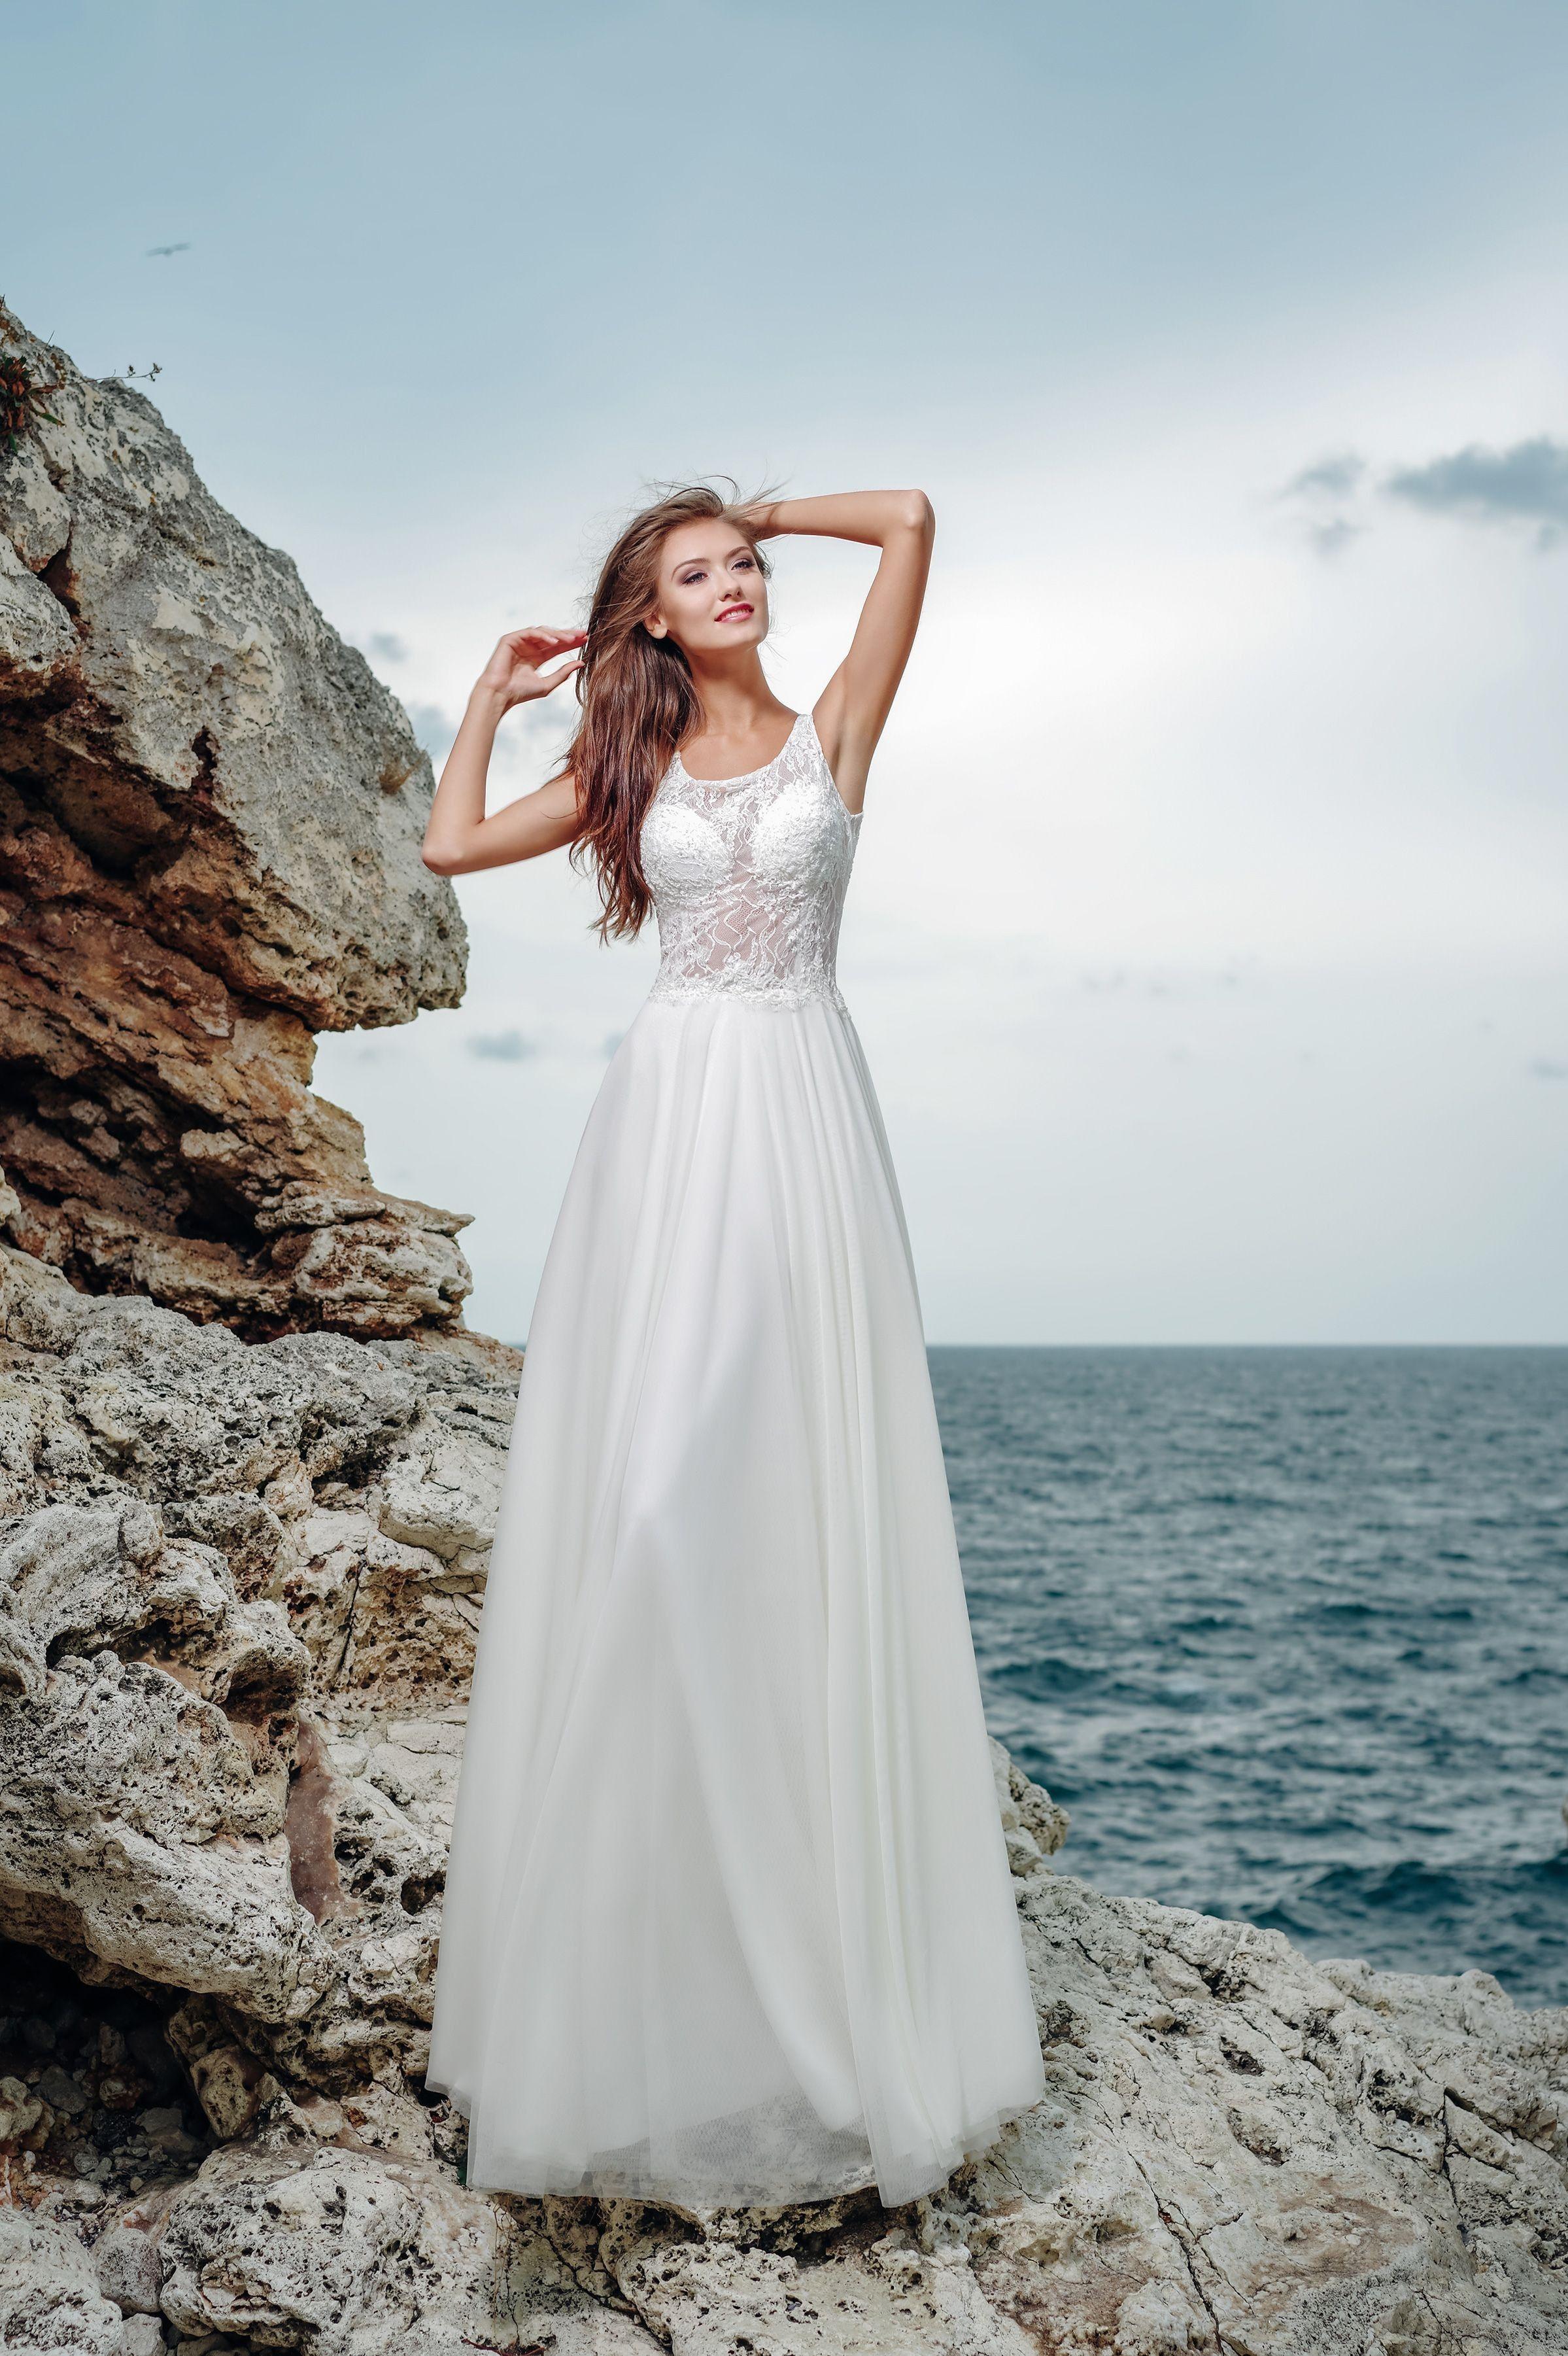 df40652d2754 Krásne svadobné šaty s čipkovaným vrškom a jemnou sukňou